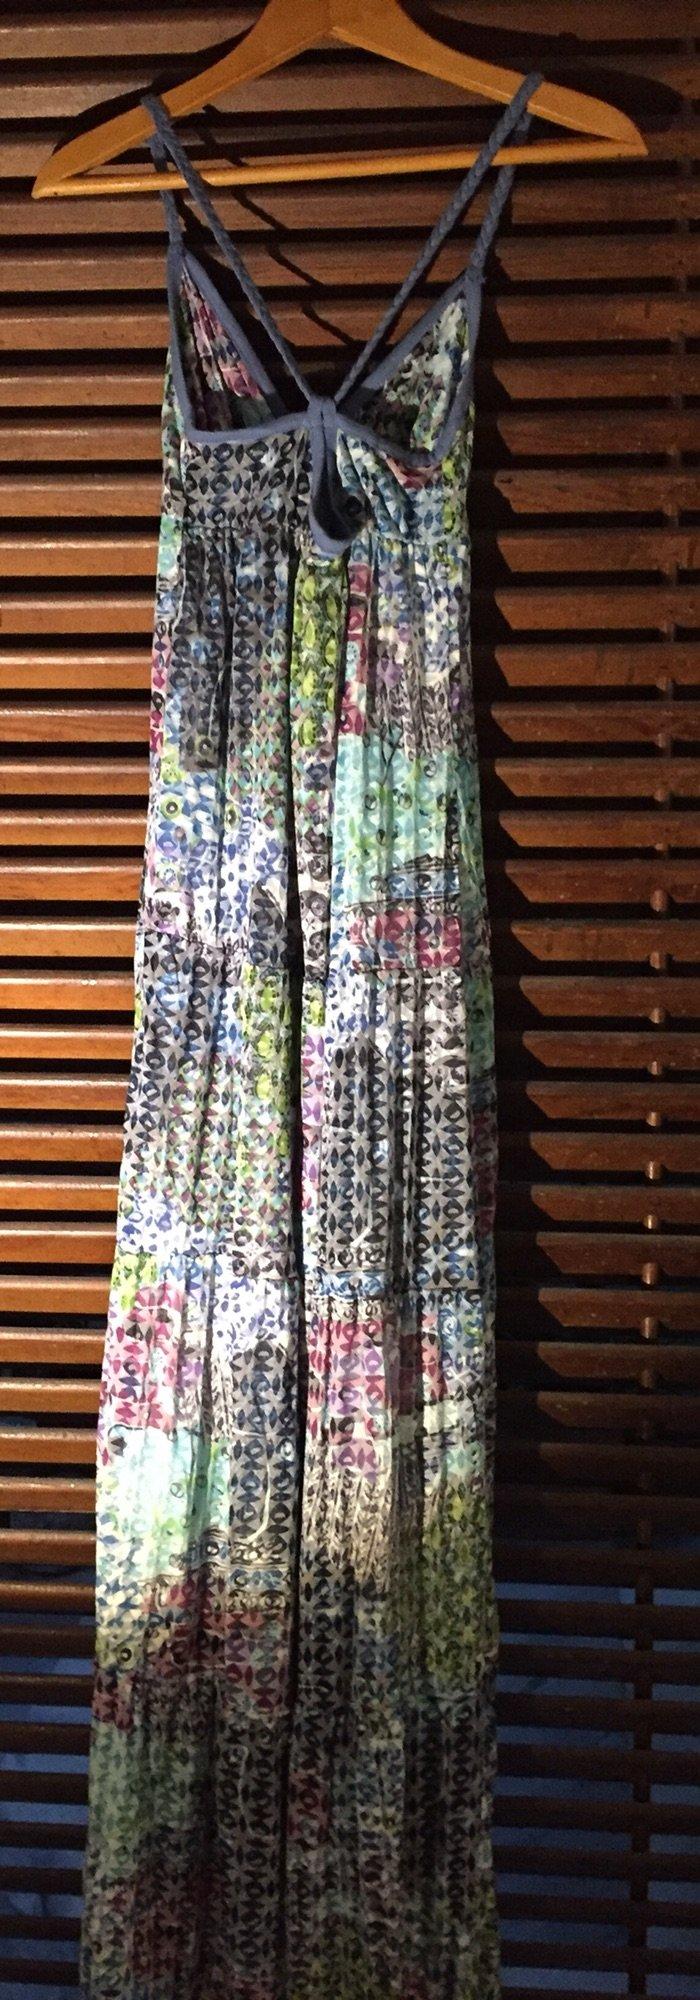 Βαμβακερό εμπριμέ boho φόρεμα με τιράντες και ανοιχτή πλάτη . Αφόρετο . Photo 4